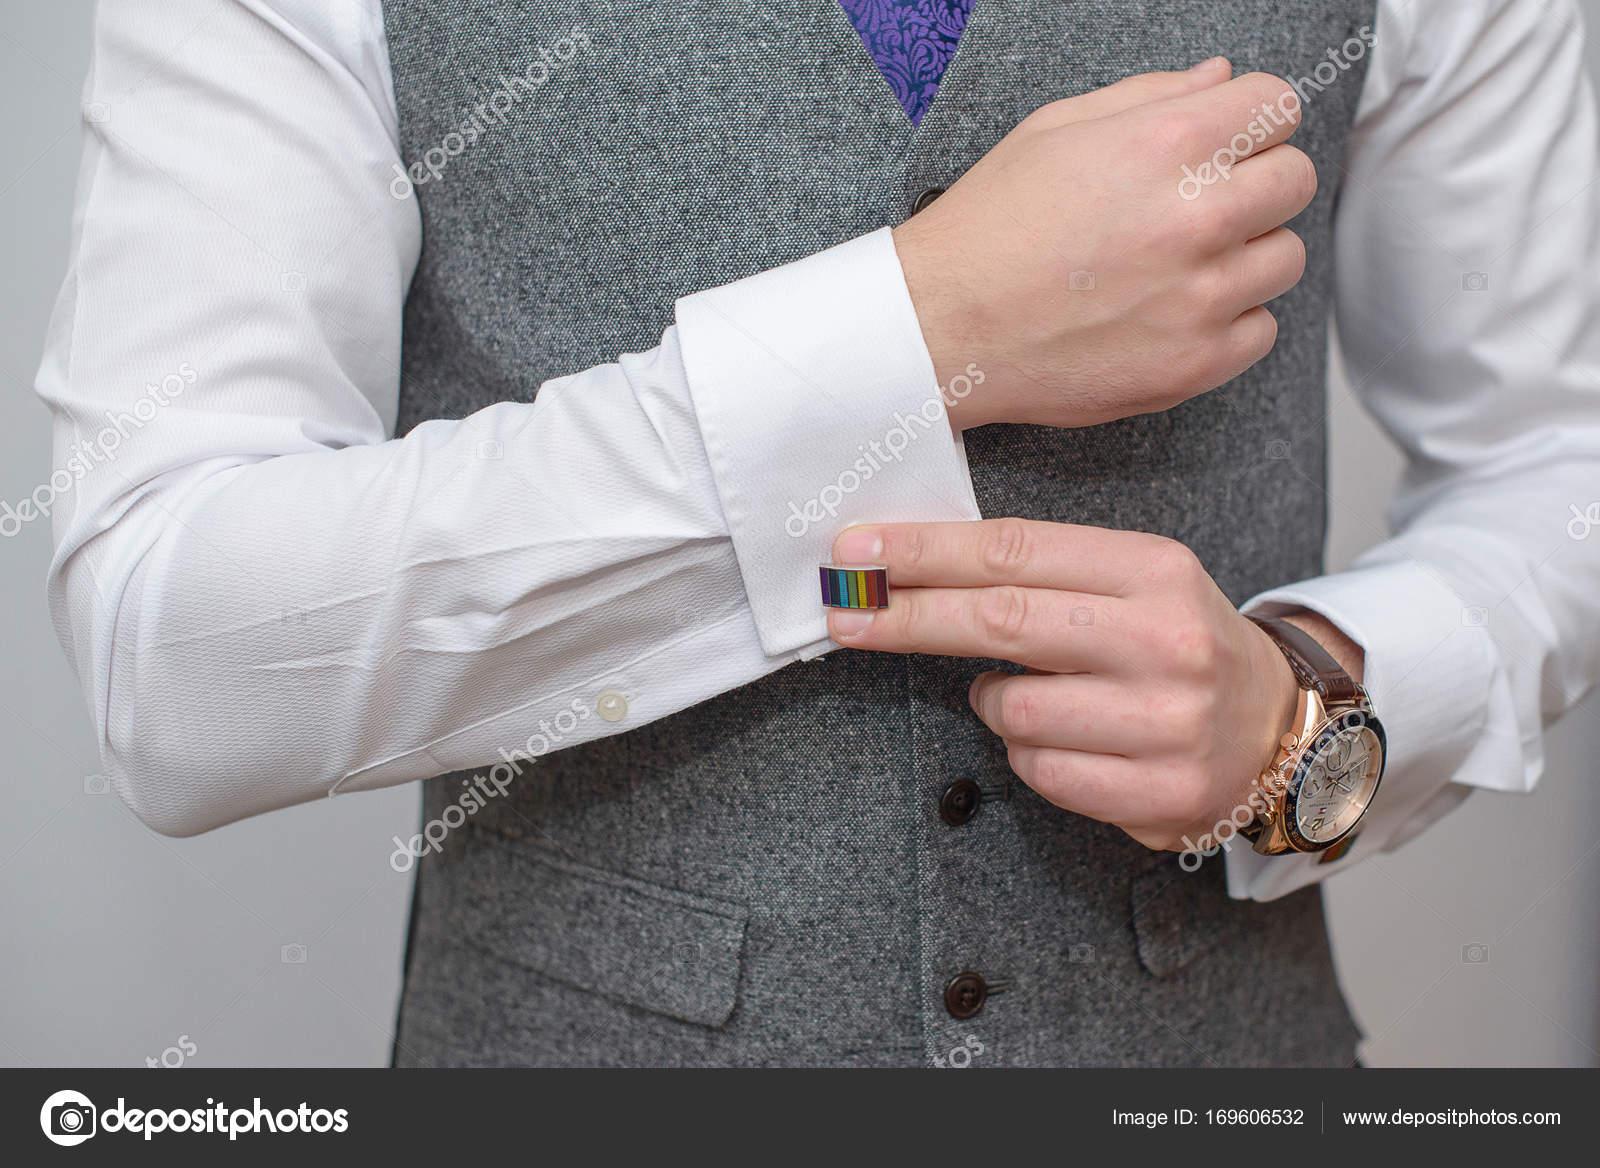 eb6e02ce988f Αριστοκρατικό νέοι Καυκάσιος φορώντας λευκό κομψό πουκάμισο και γκρι γιλέκο  γραβάτα μοβ